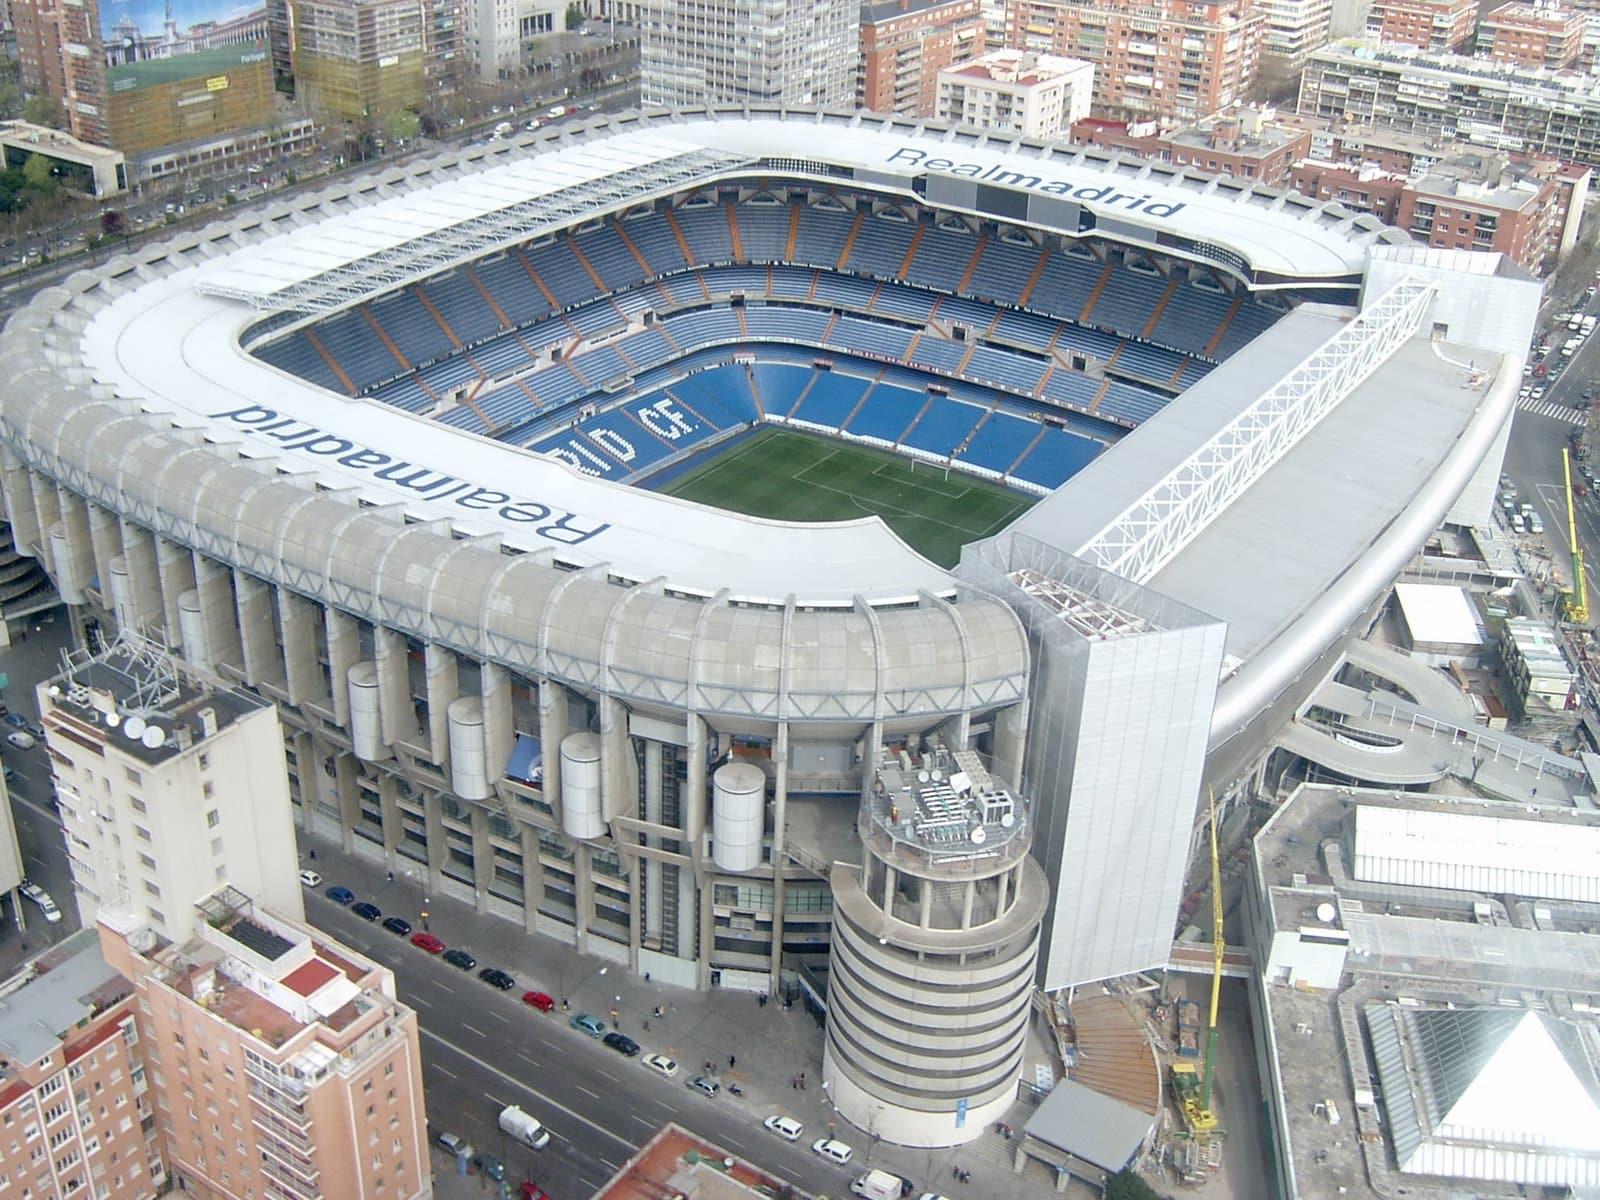 Bill Gates quiere cambiar el nombre del Santiago Bernabéu